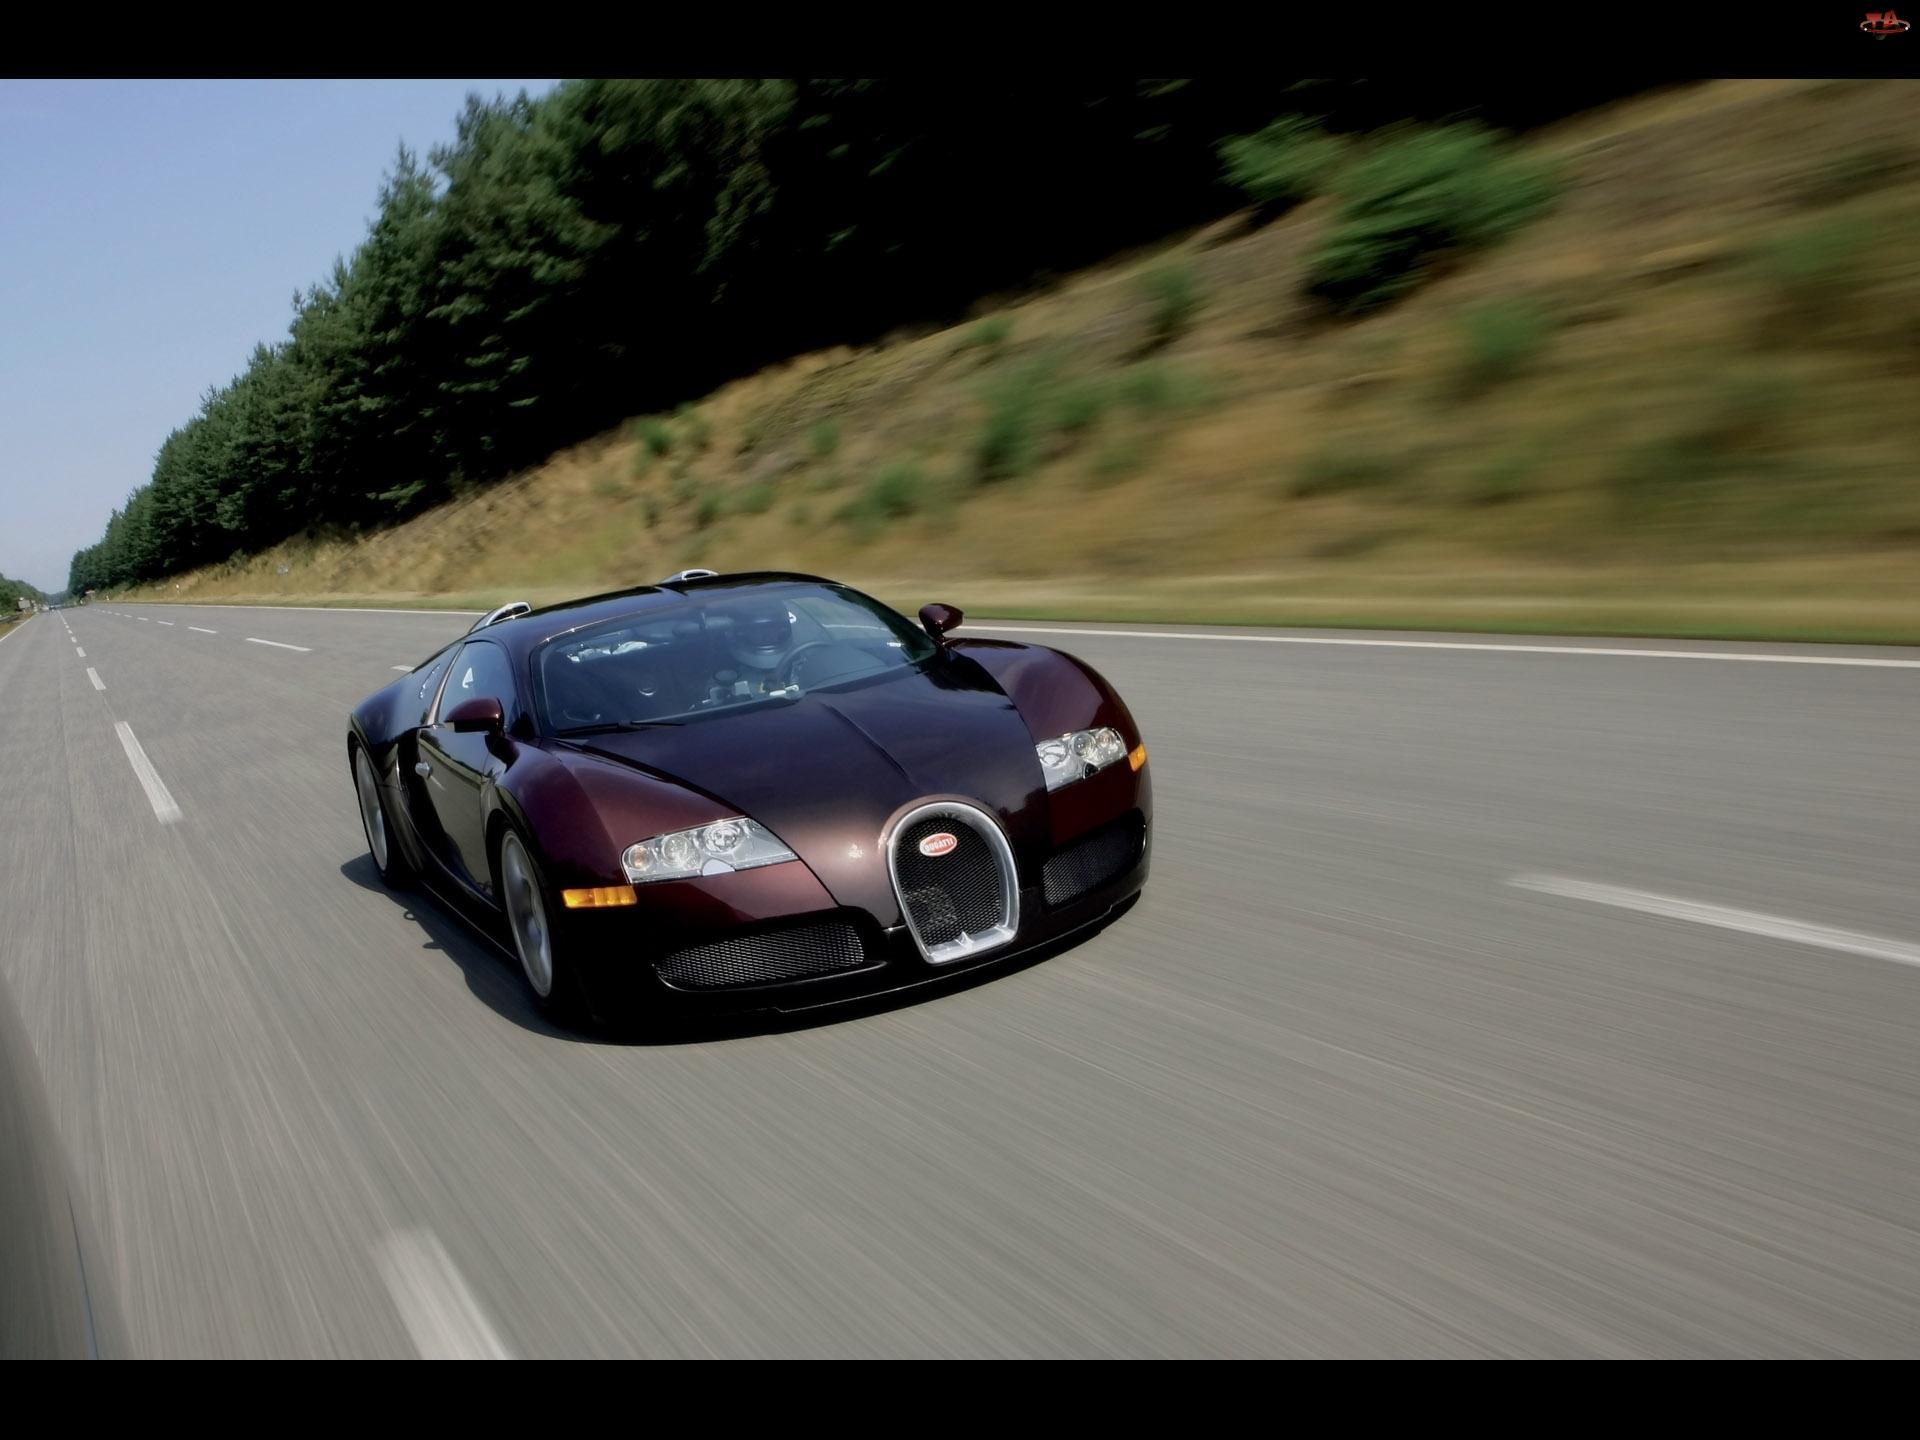 Bugatti Veyron, Autostrada